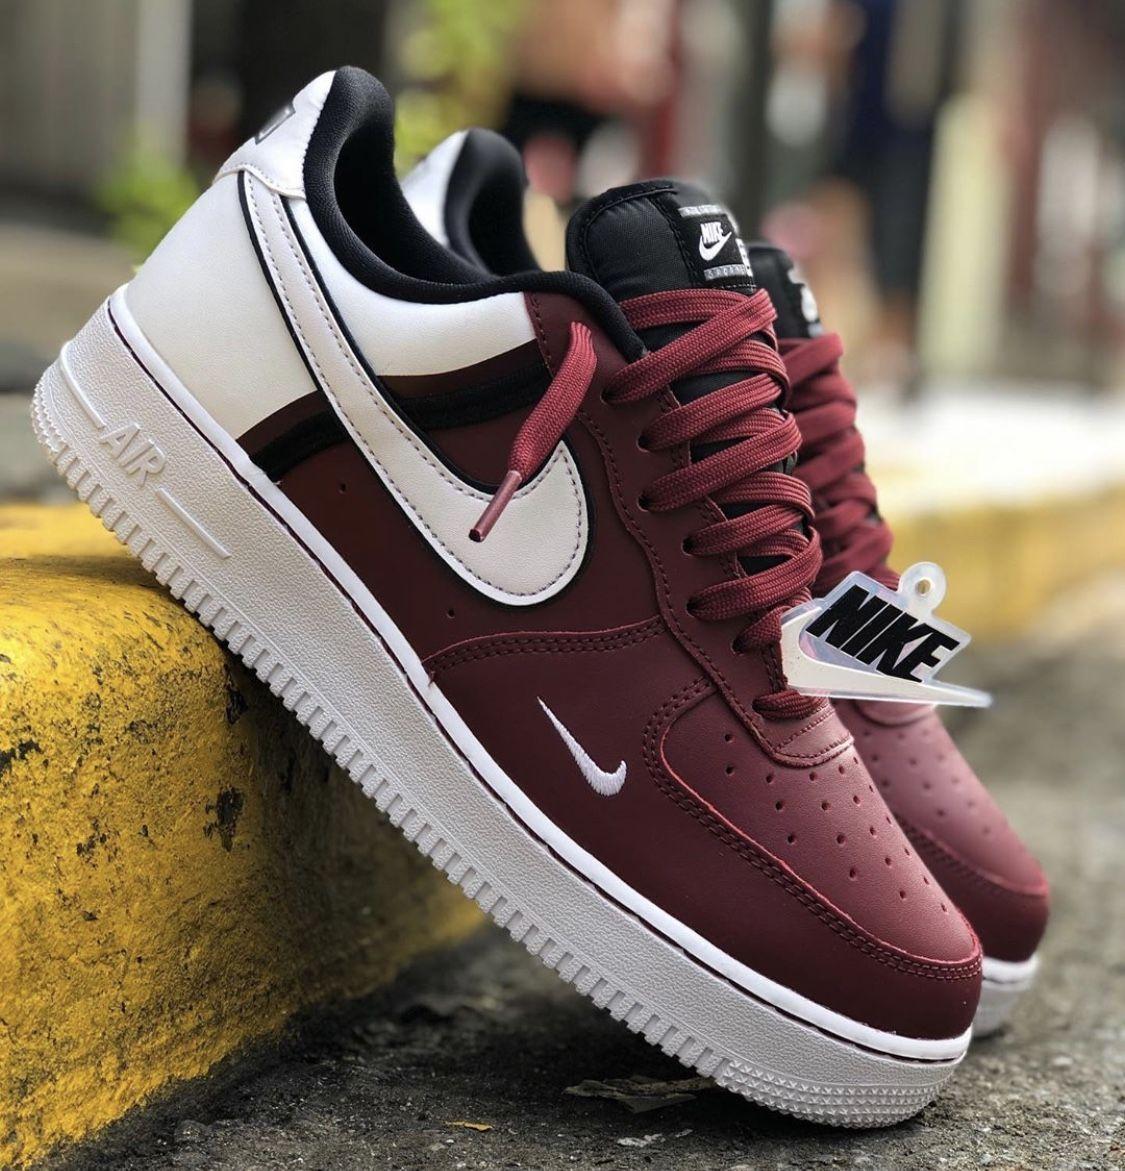 Metodo Incrivel Aprenda Como Comprar Tenis Original Relogios Baratos E Roupas De Marcas Relogios Nike Air Shoes Sneakers Men Fashion Shoes Sneakers Nike